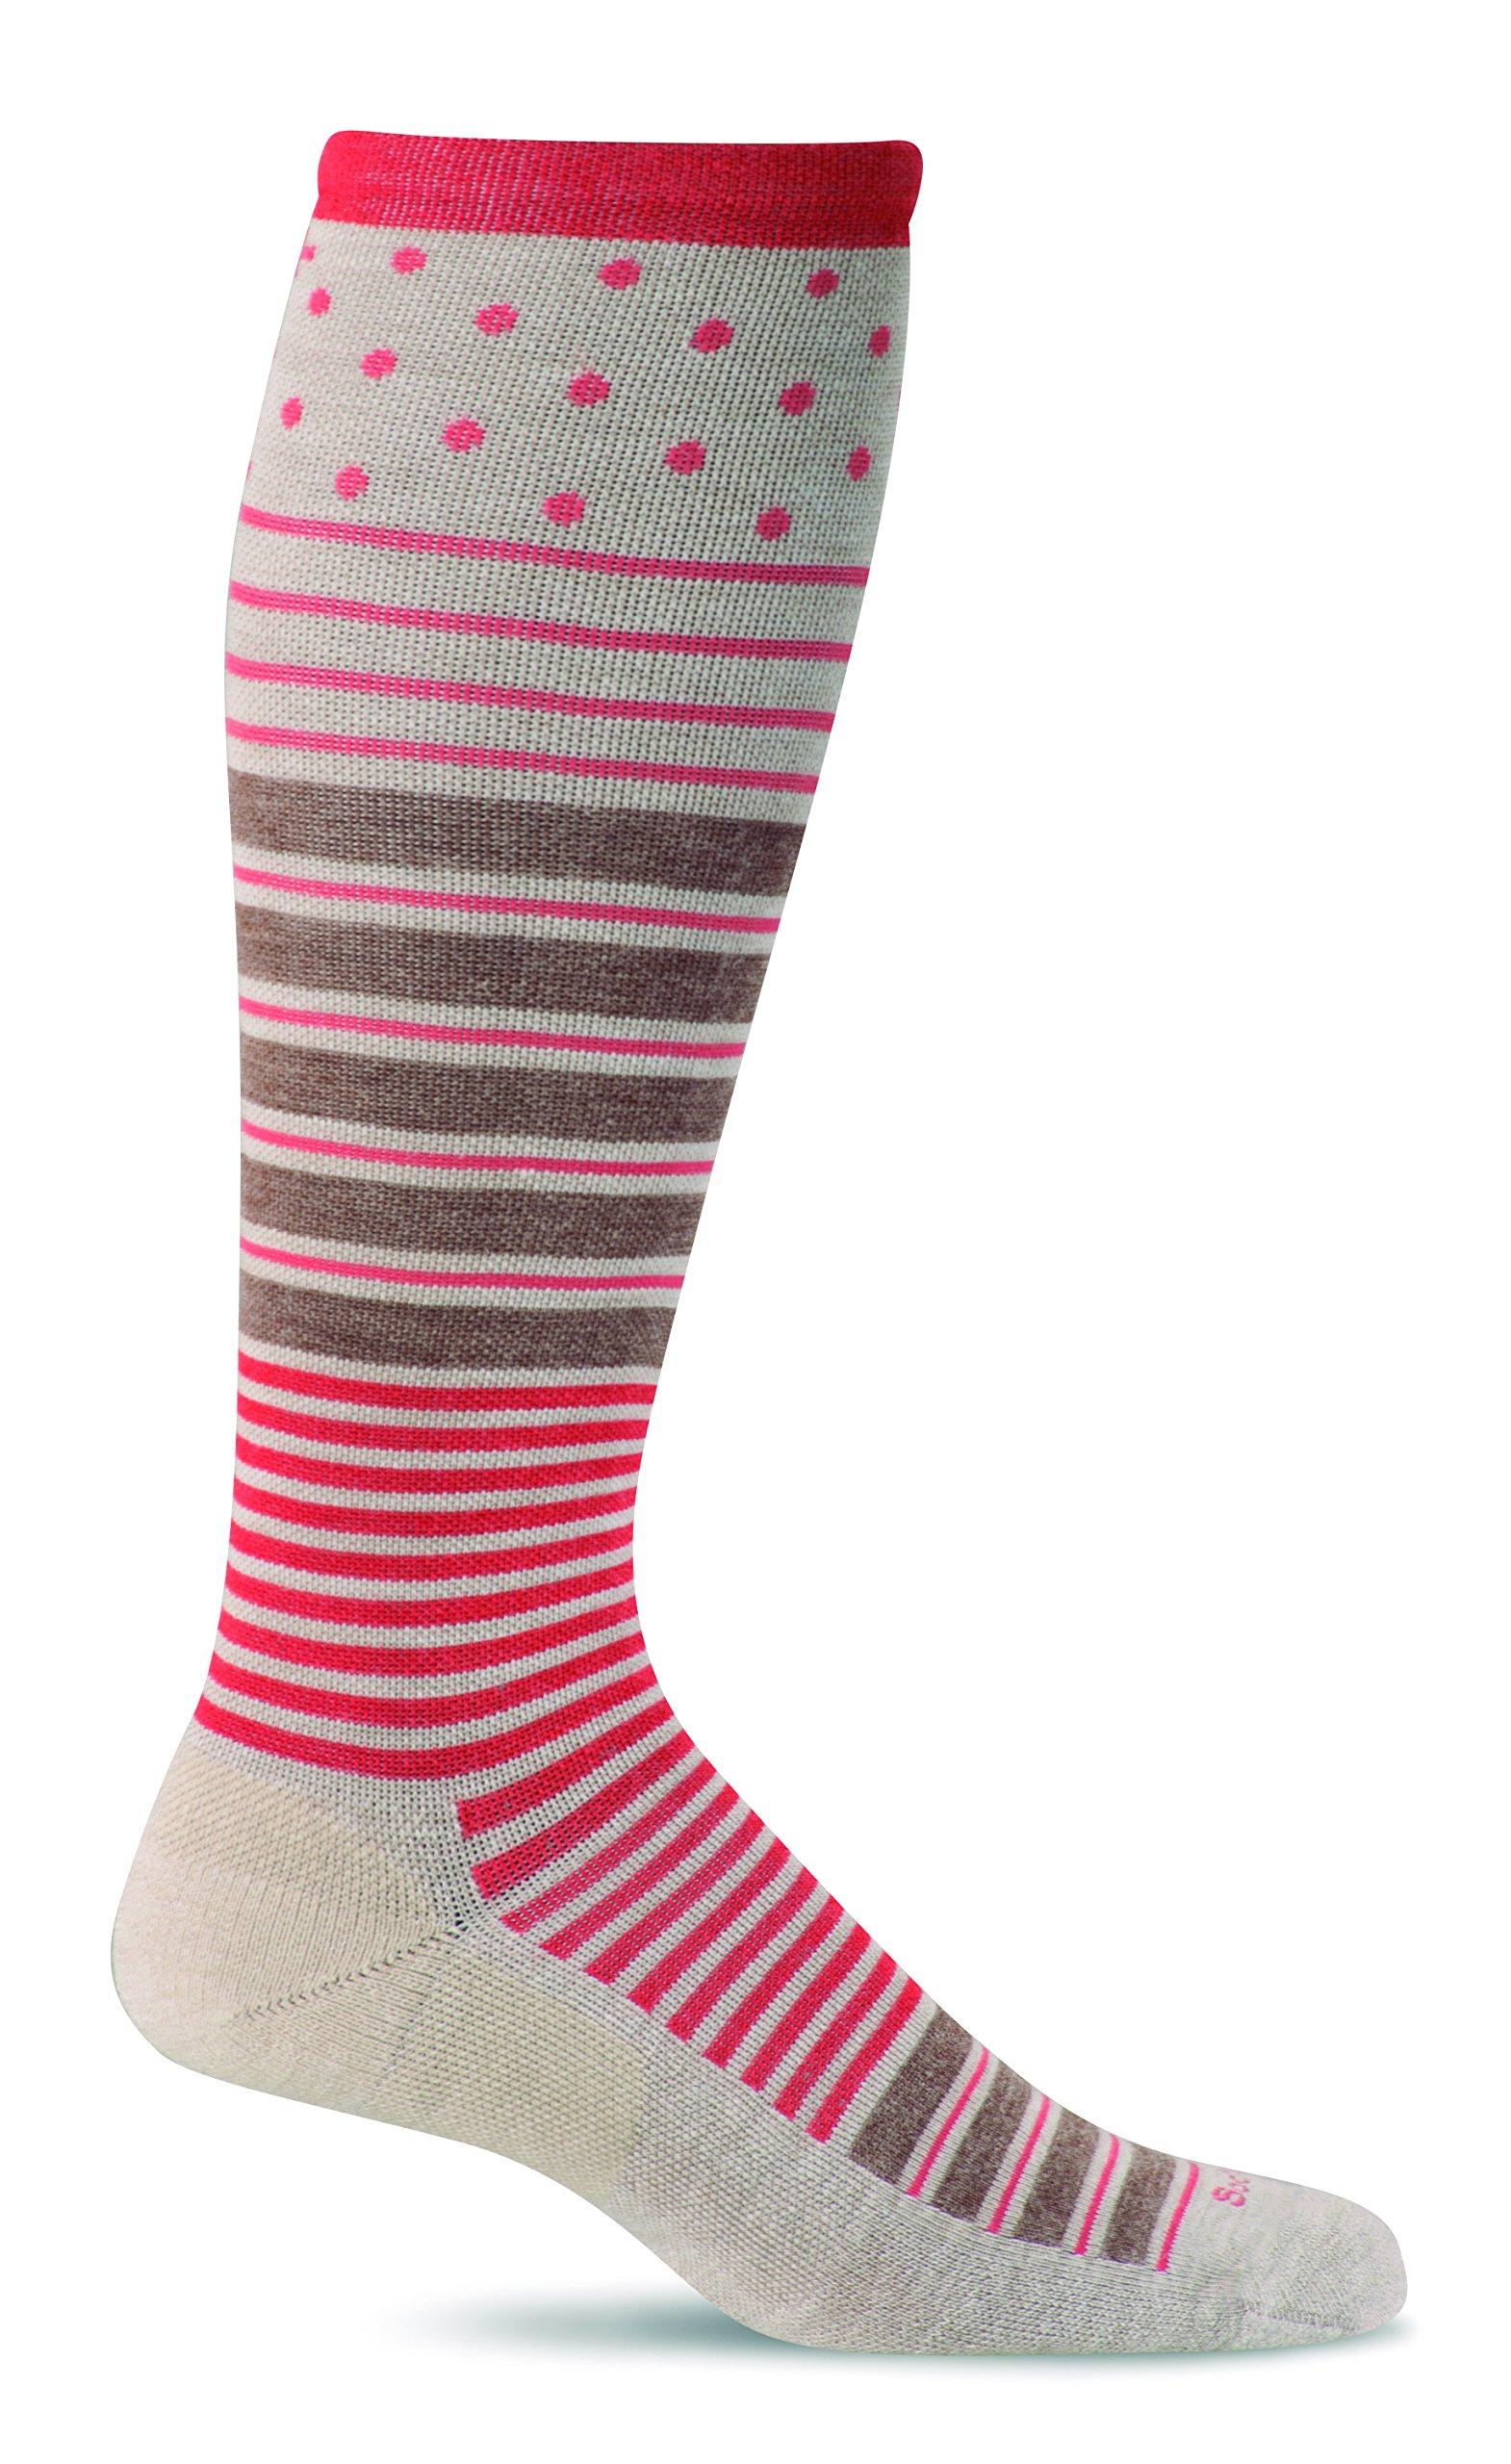 Sockwell Women's Twister Graduated Compression Socks, Barley, Small/Medium